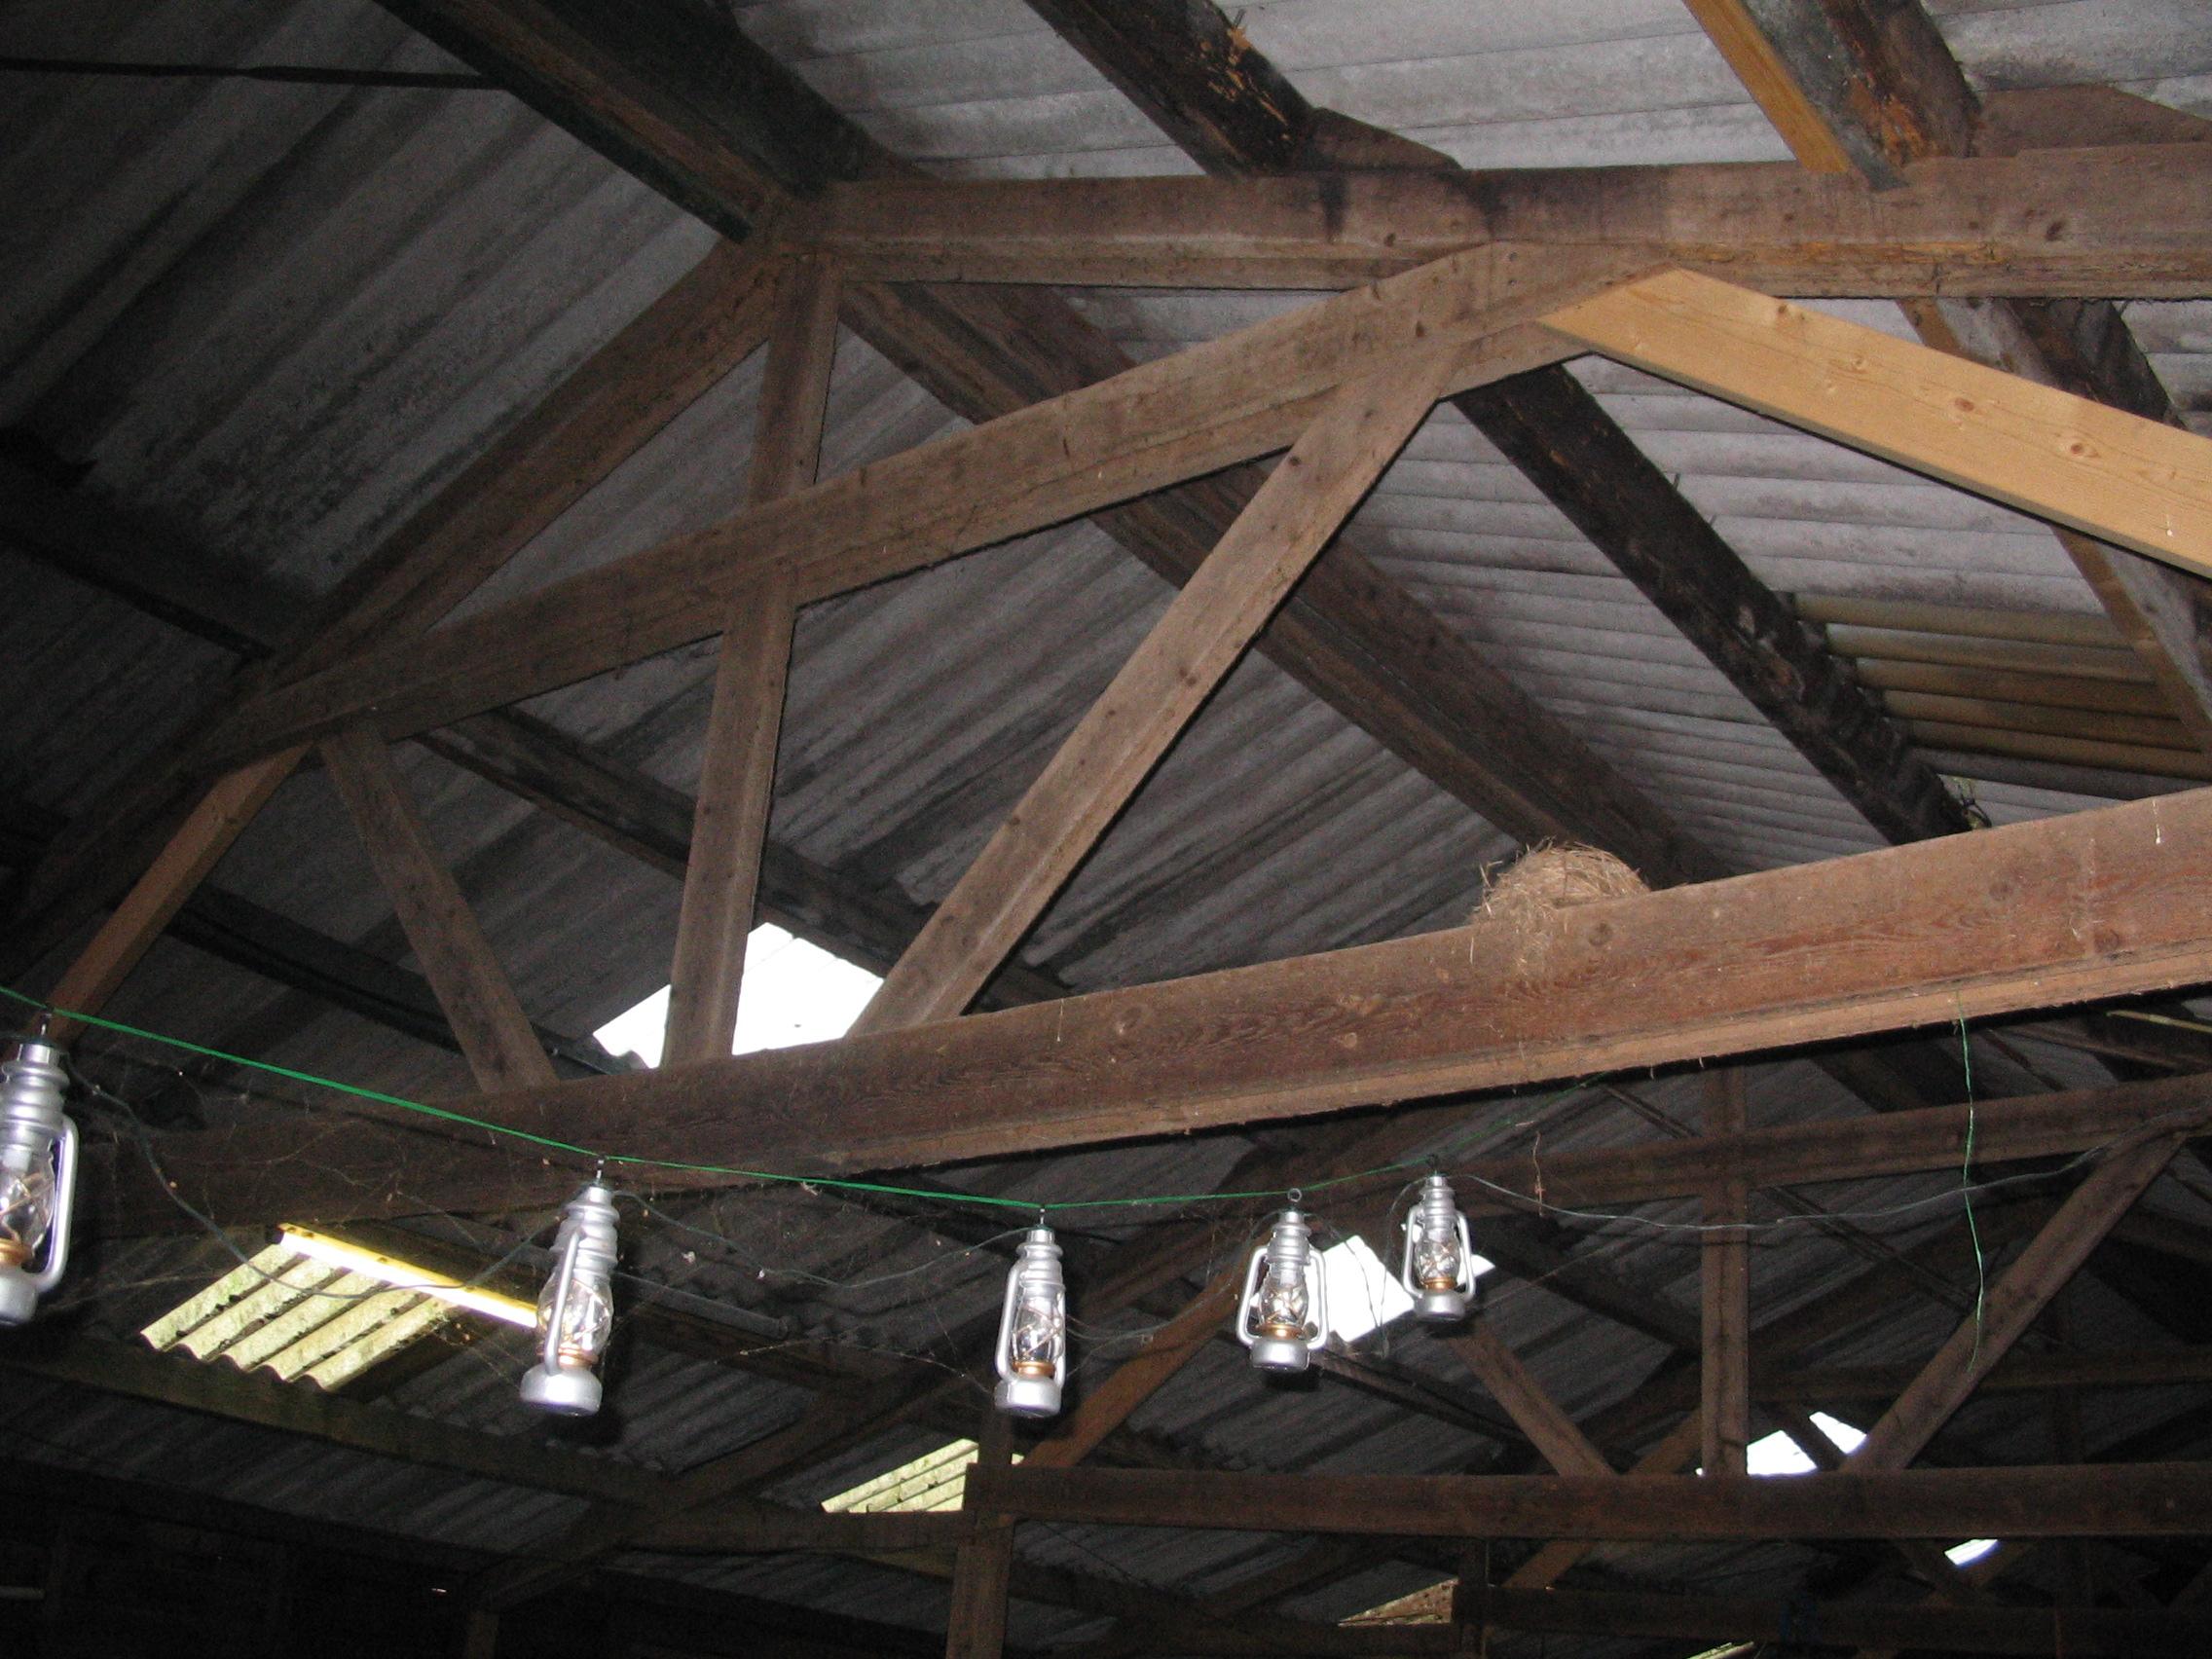 Wonderbaar Houten dakspanten en gordingen controleren - Bouwadviesbureau Bakker XO-88